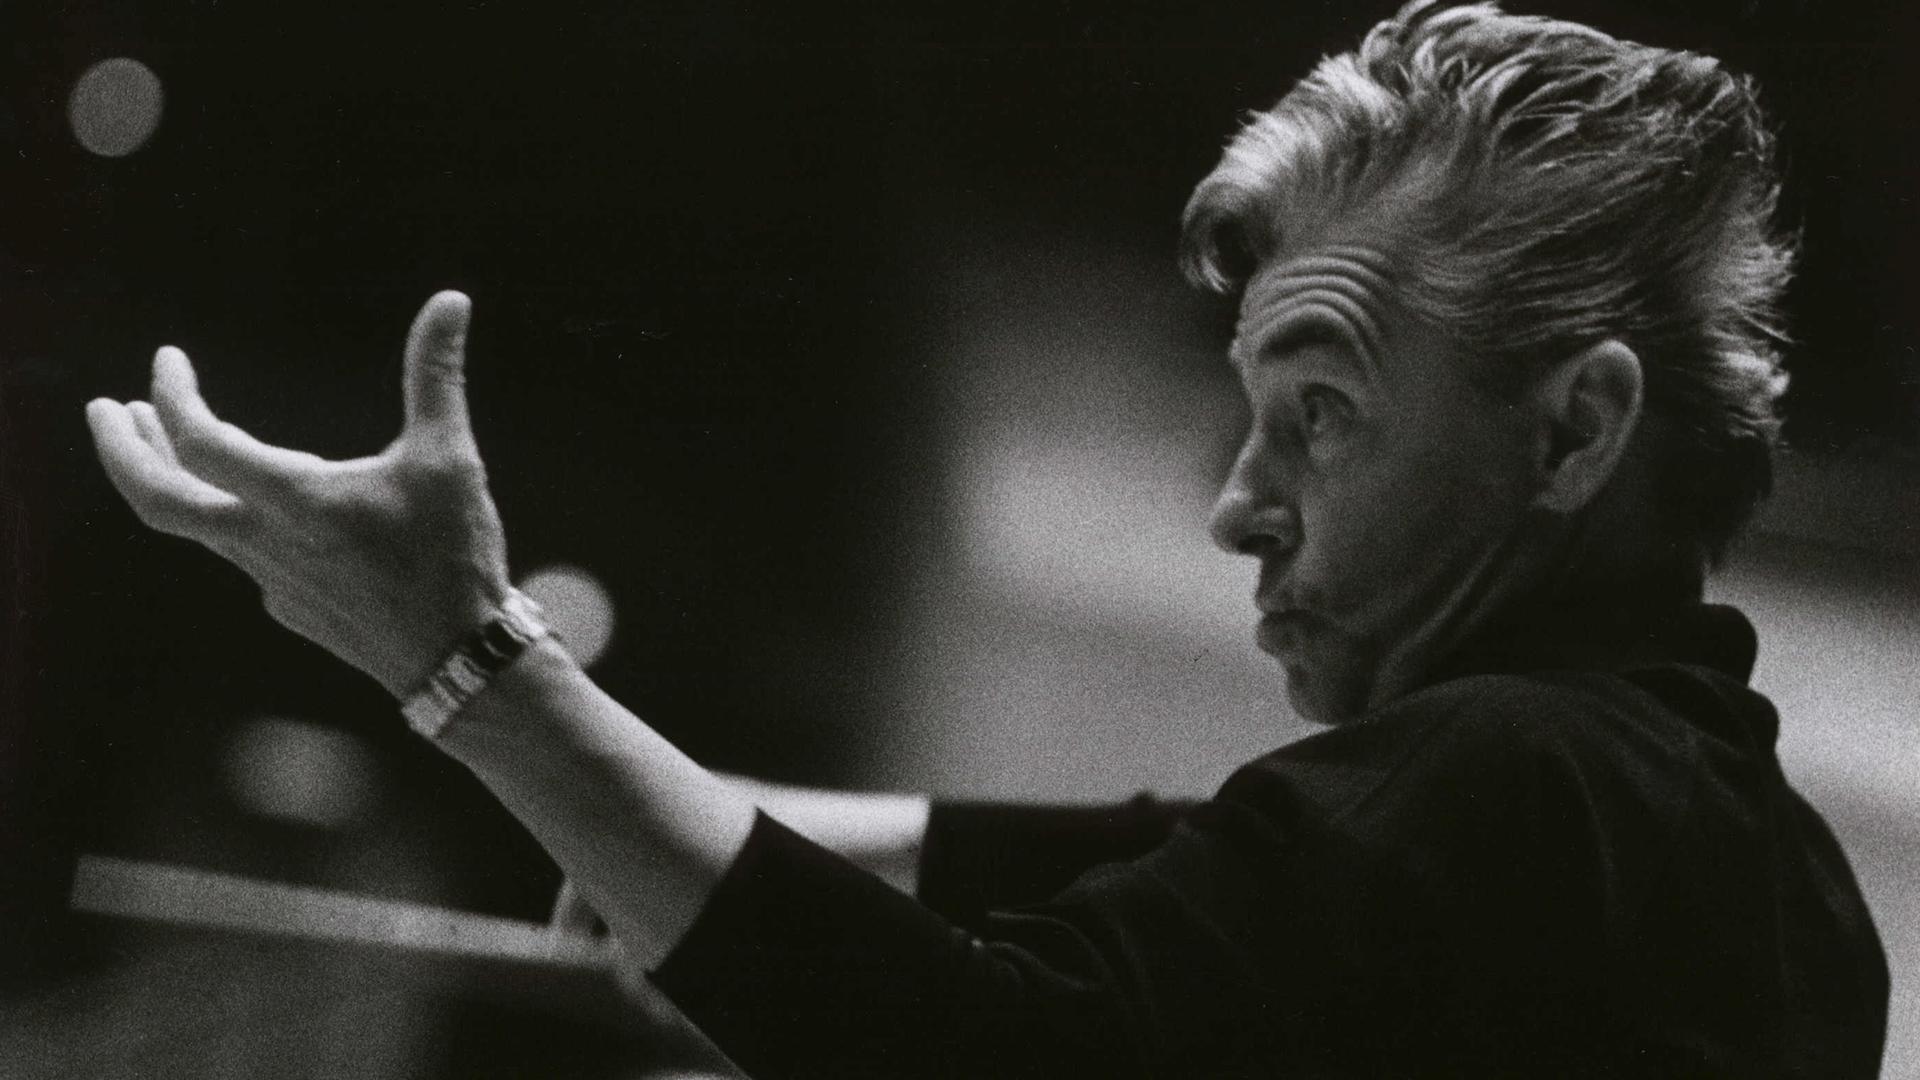 Herbert von Karajan dirige la Symphonie n°1 de Beethoven